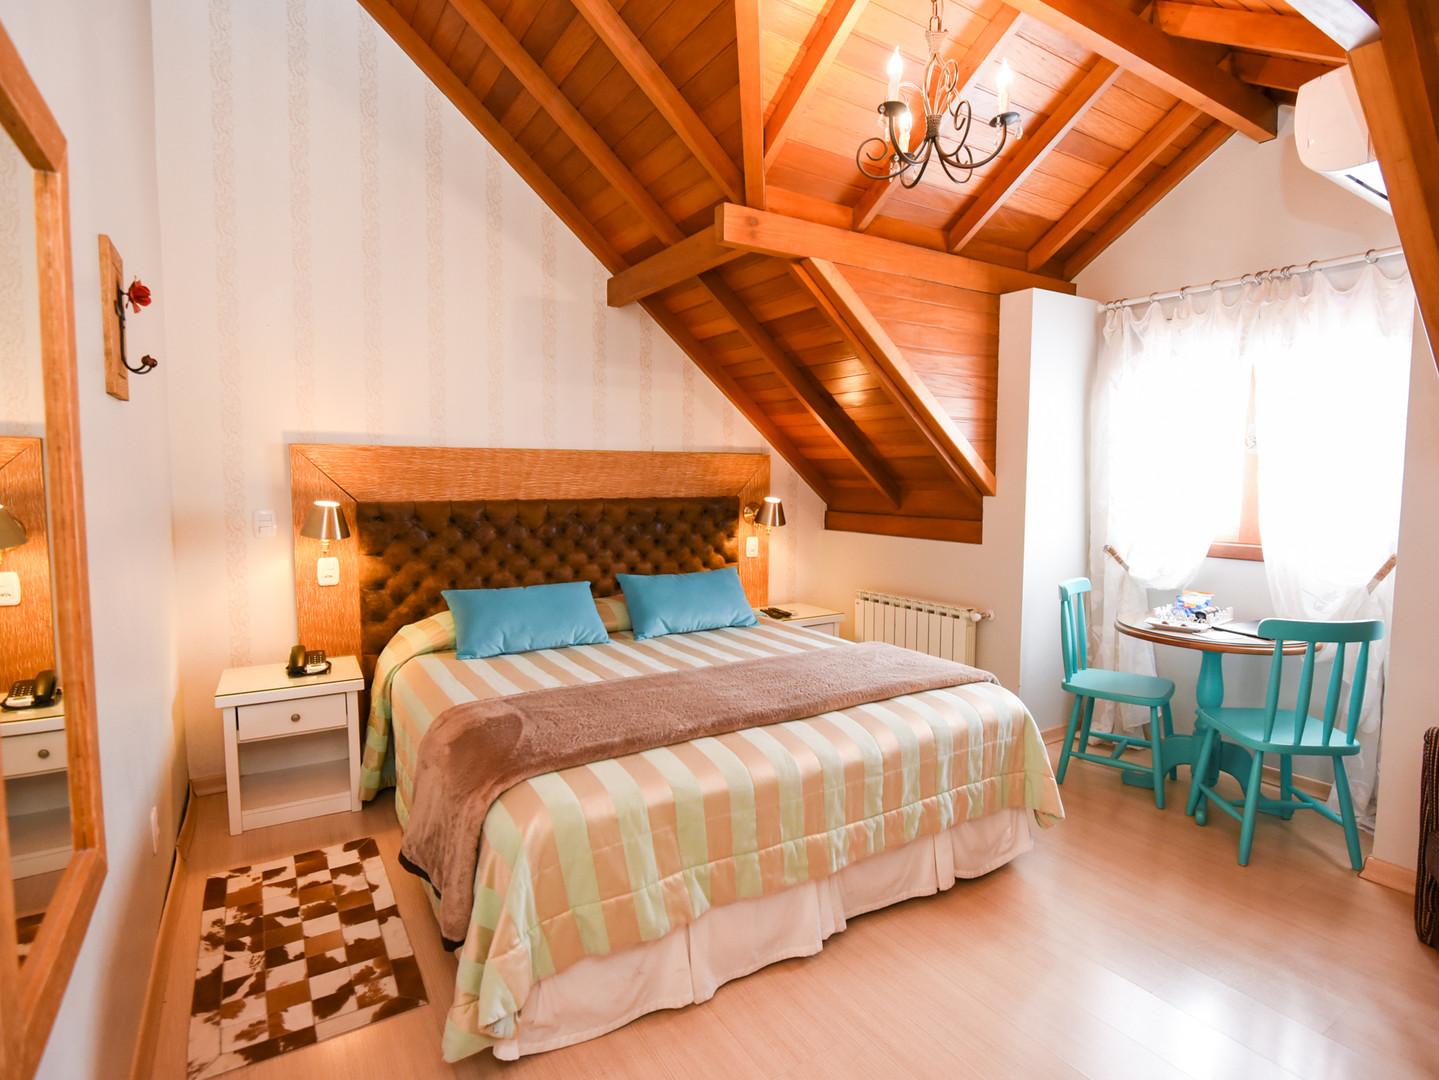 Apto LUXO - Hotel Cabanas Tio Muller